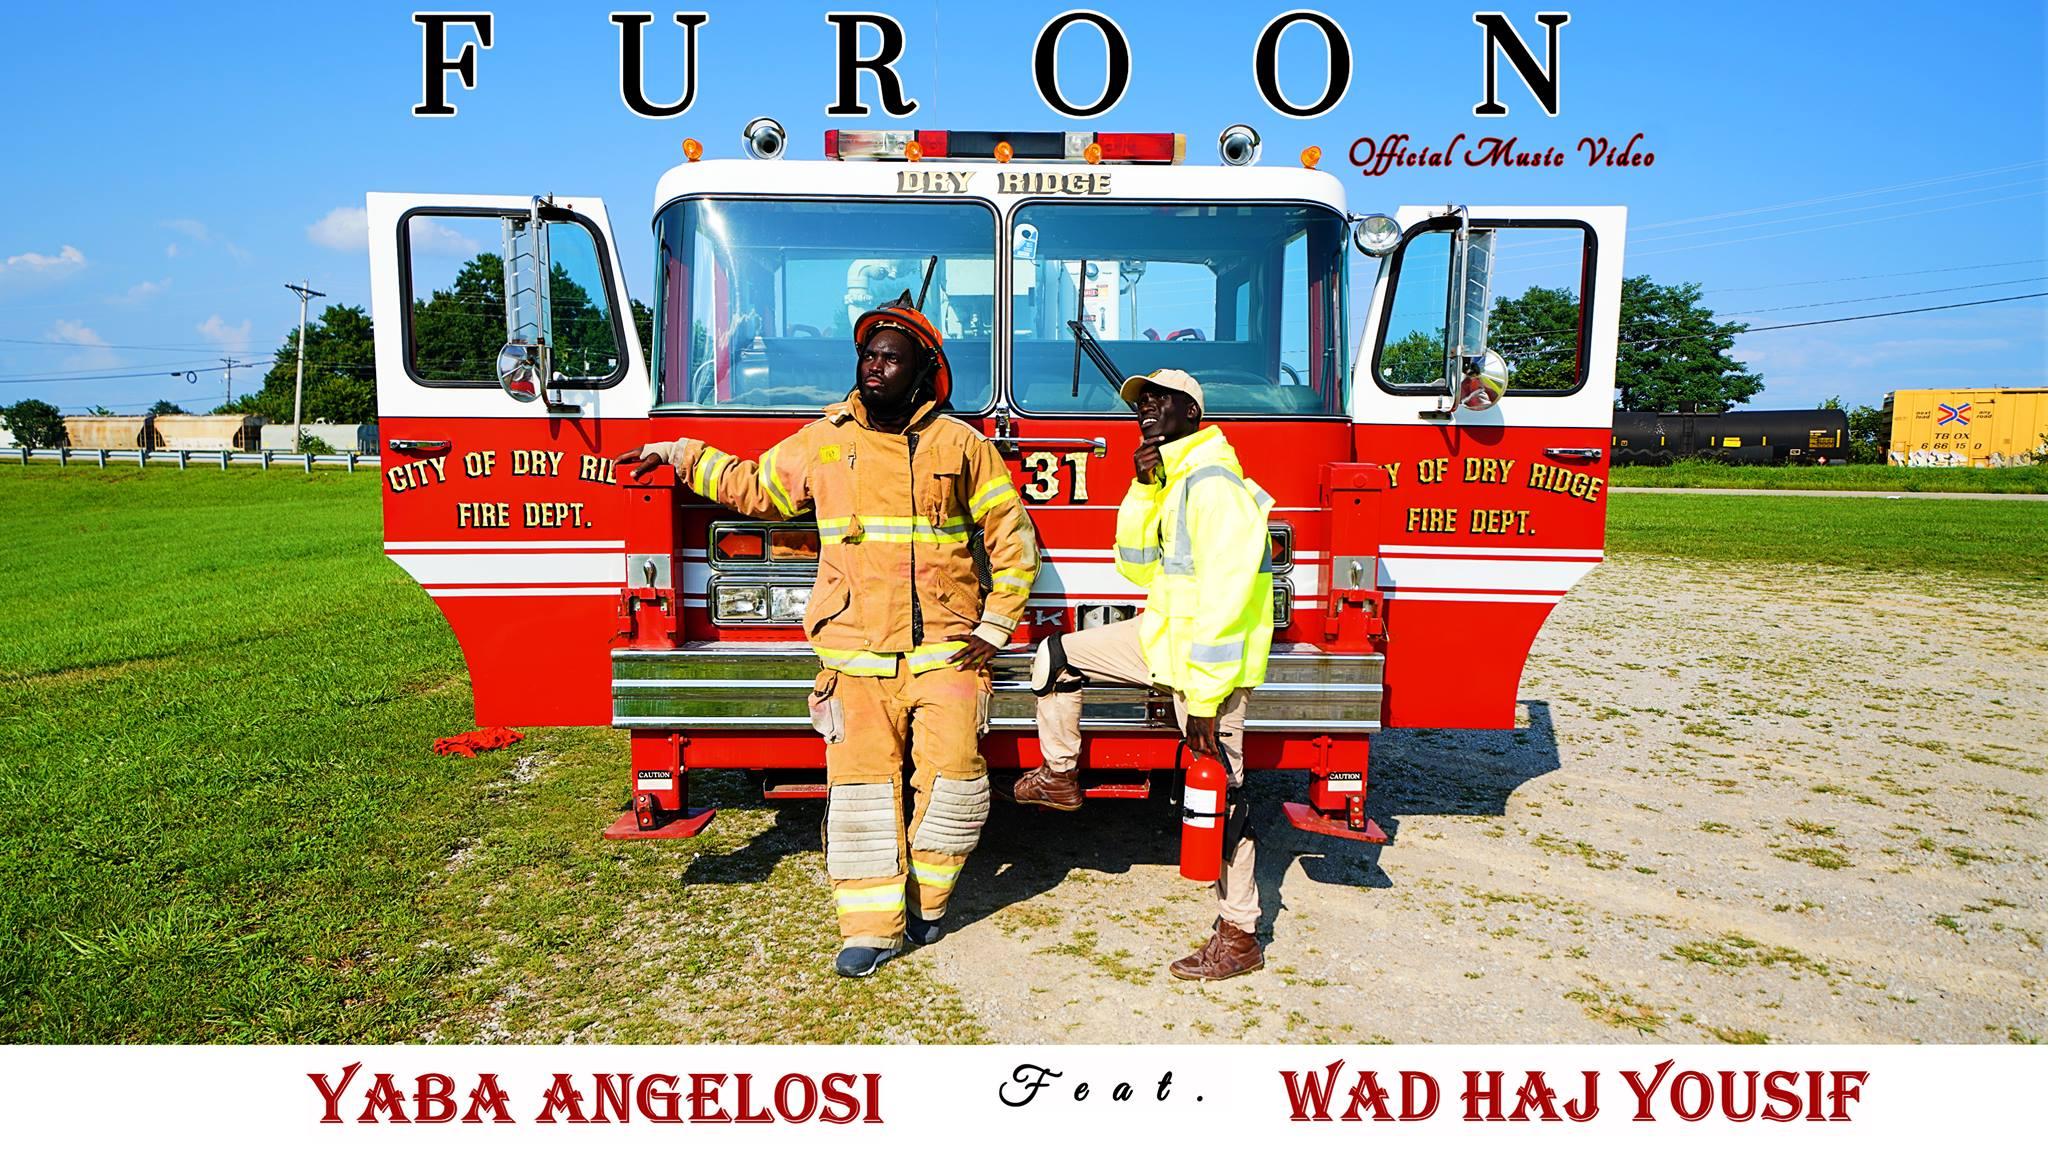 Furoon (Ft Wad Haj Yousif)